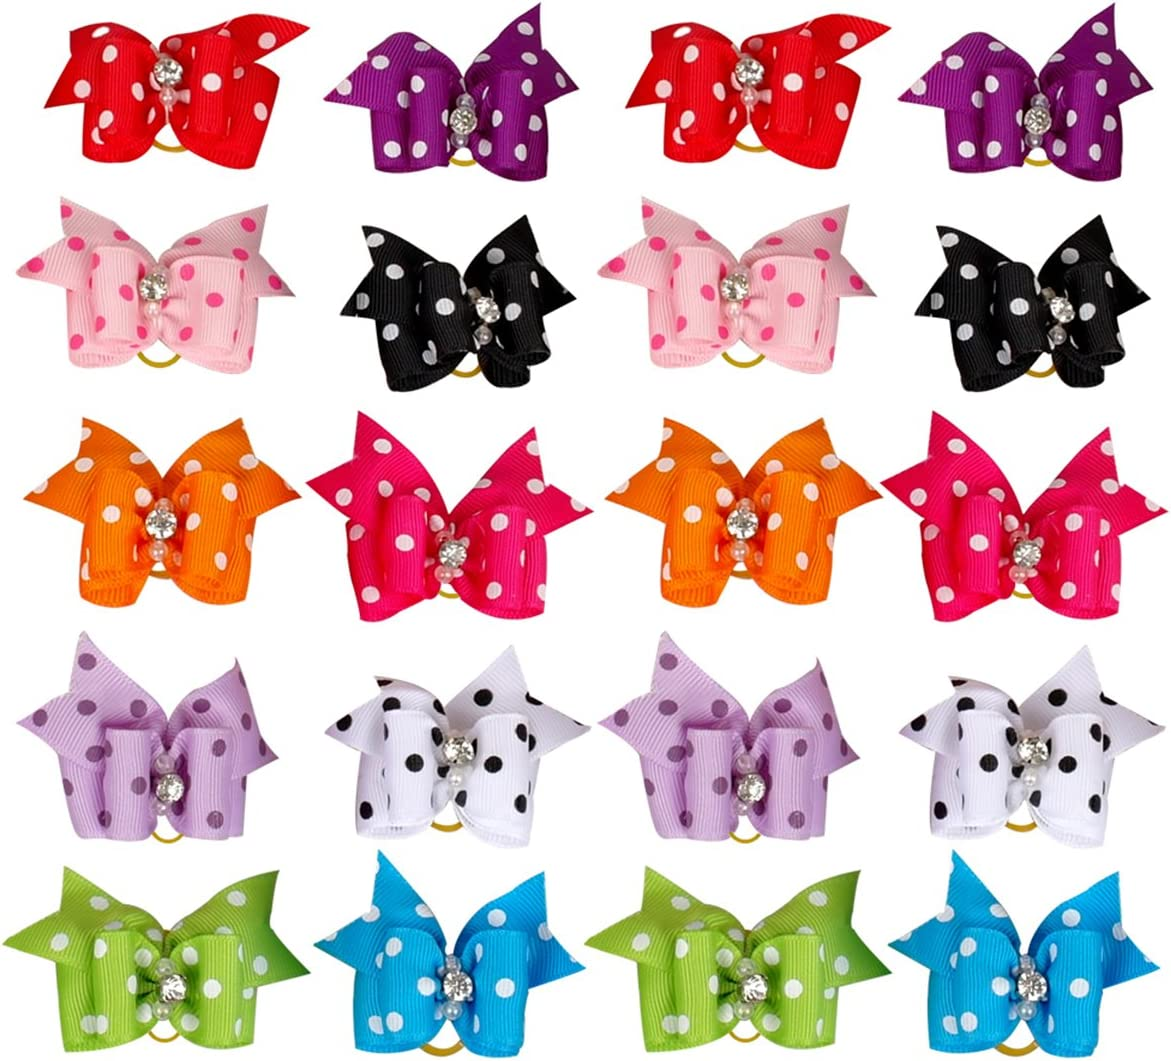 UEETEK 20pcs sch/öne Hundehaare B/ögen Zubeh/ör Katze Welpe Haarspangen mit Gummib/ändern PolkaDot